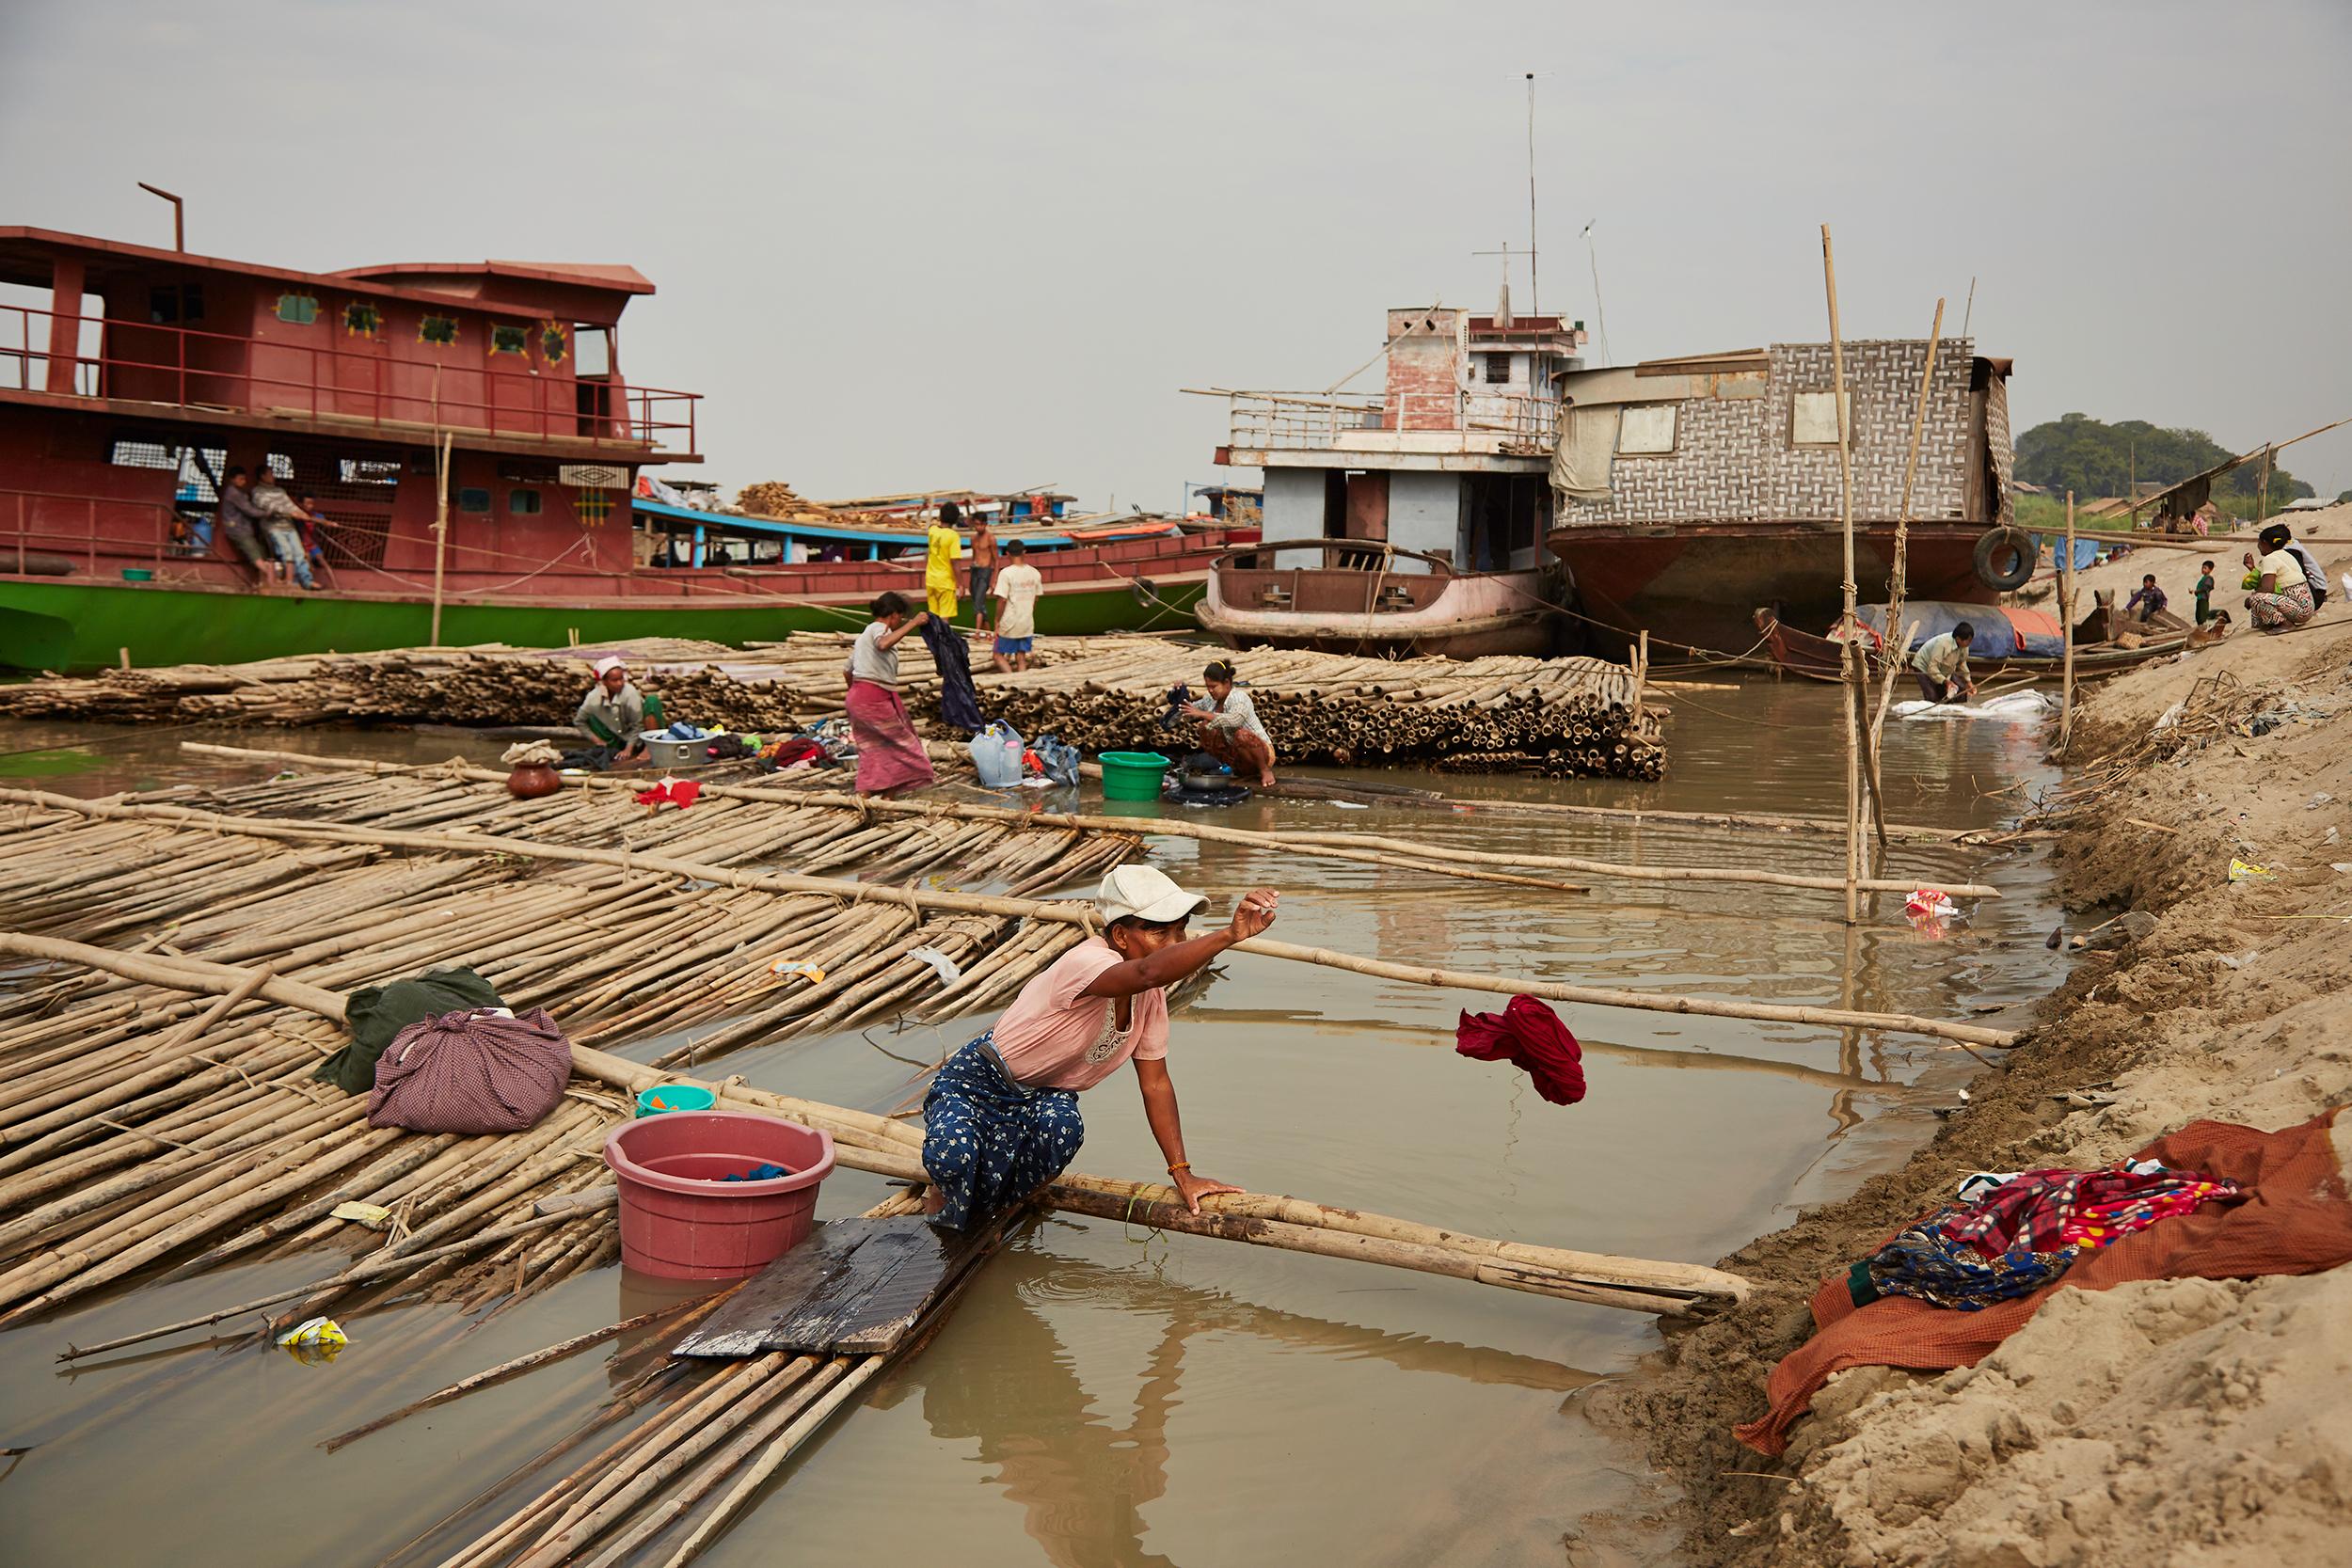 Kanjana-Chaiwatanachai-Image-Works_Mandalay_2014.01.19_0073w.jpg